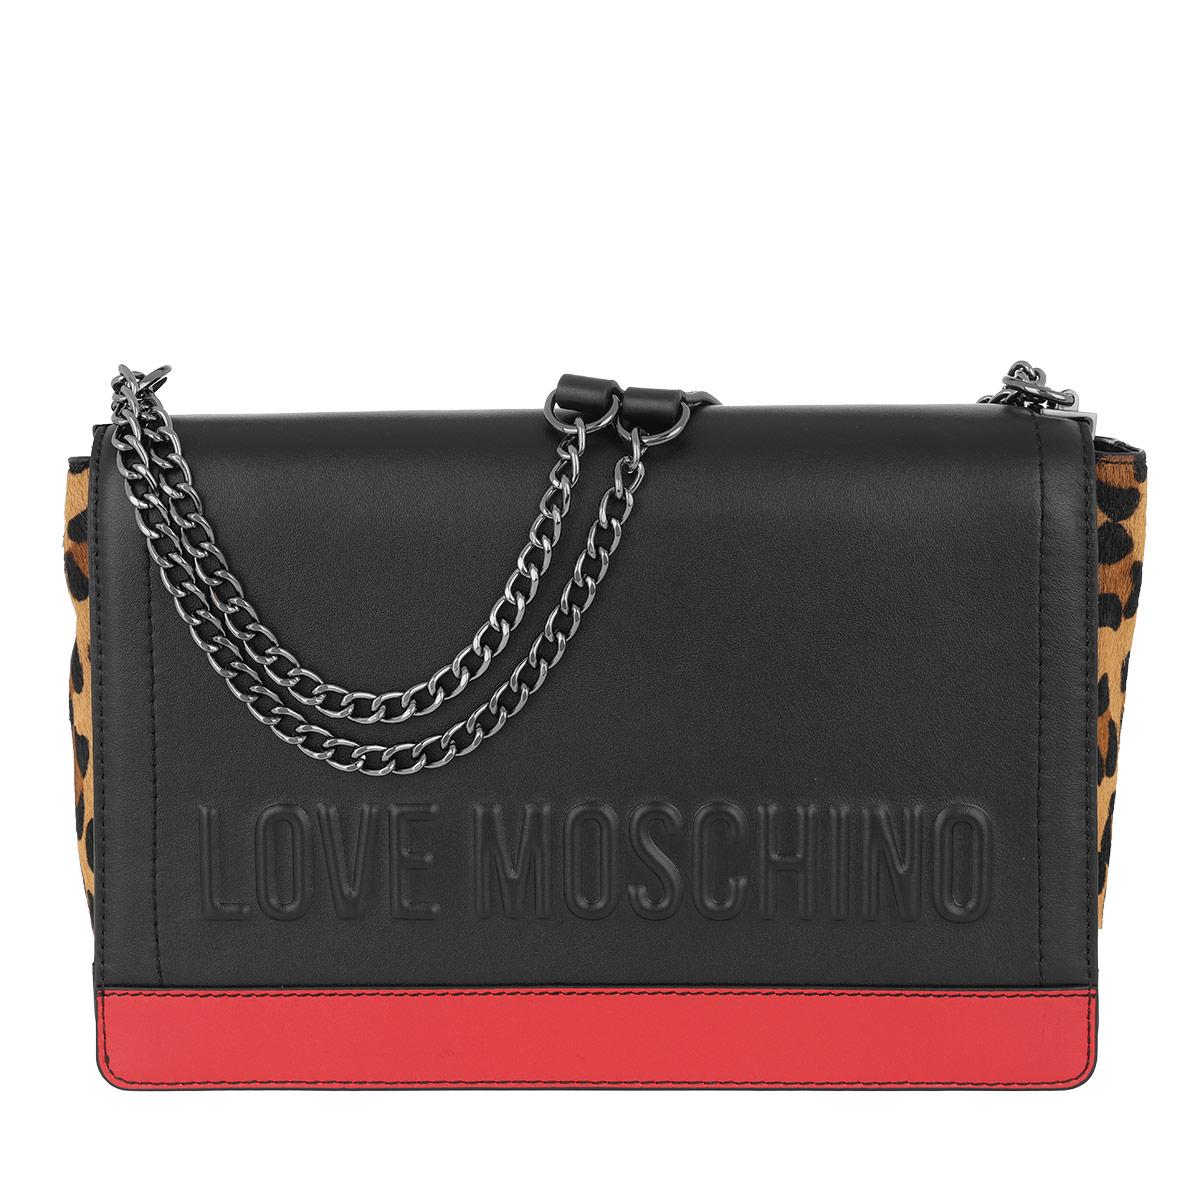 Love Moschino Umhängetasche - Leopard Crossbody Bag Nero/Rosso - in schwarz - für Damen